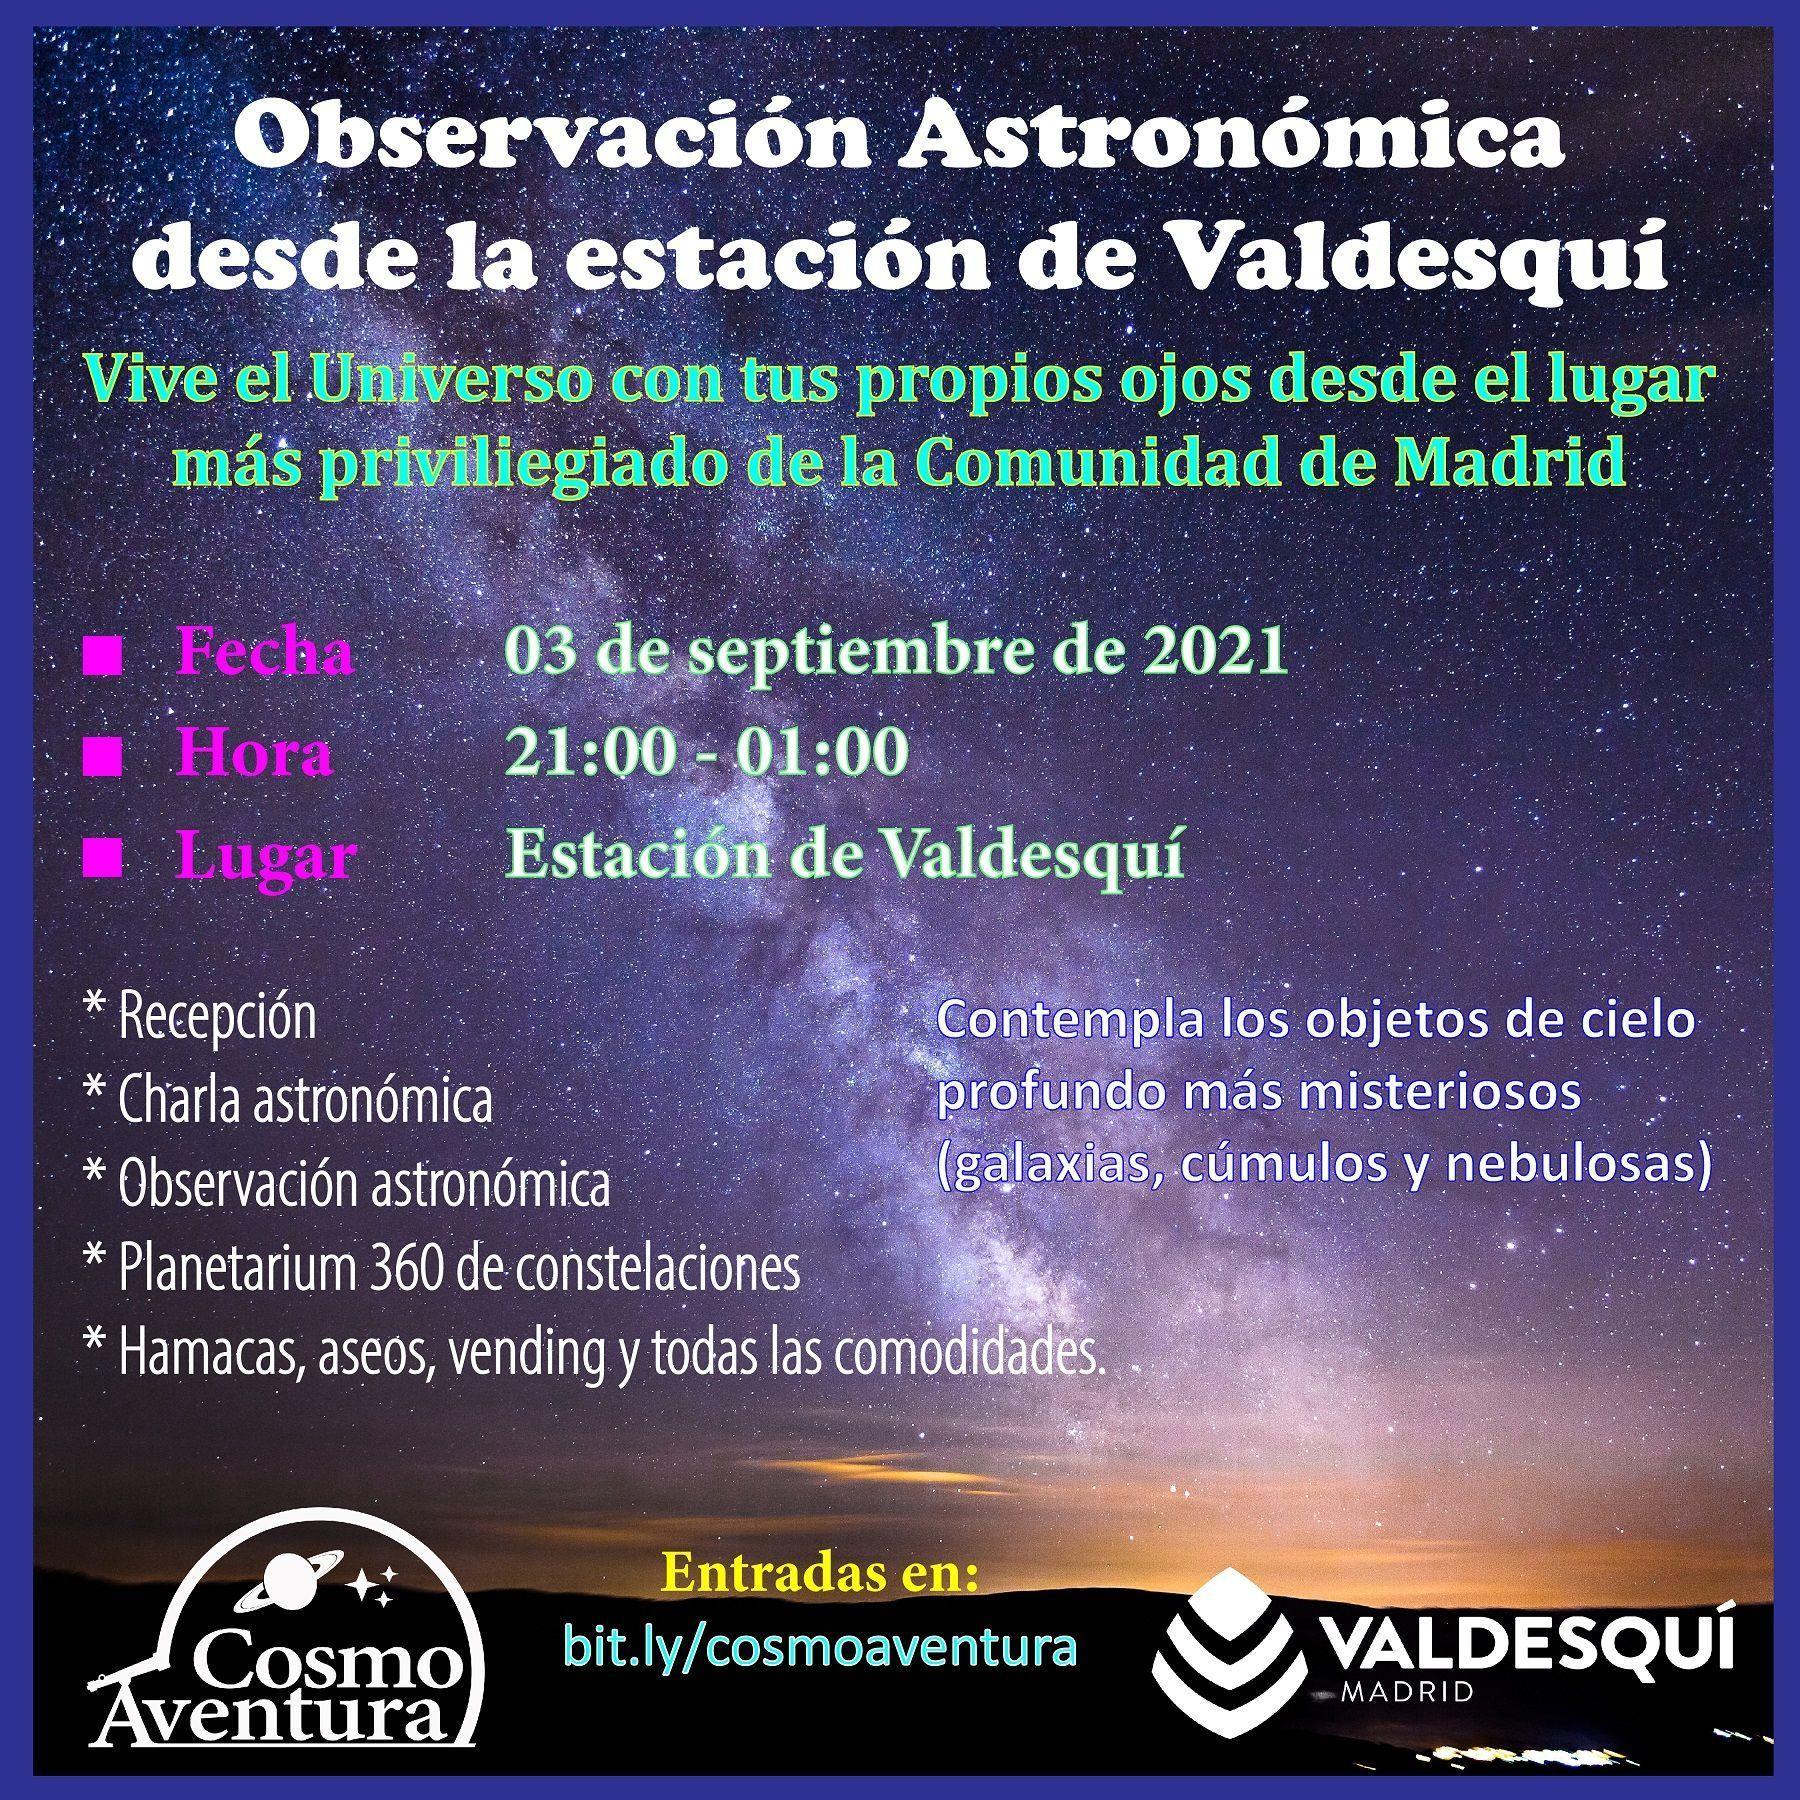 (CANCELADO POR CLIMATOLOGÍA) 03-09-2021.- Observación Astronómica en el lugar más exclusivo de Madrid: La Estación de Valdesquí